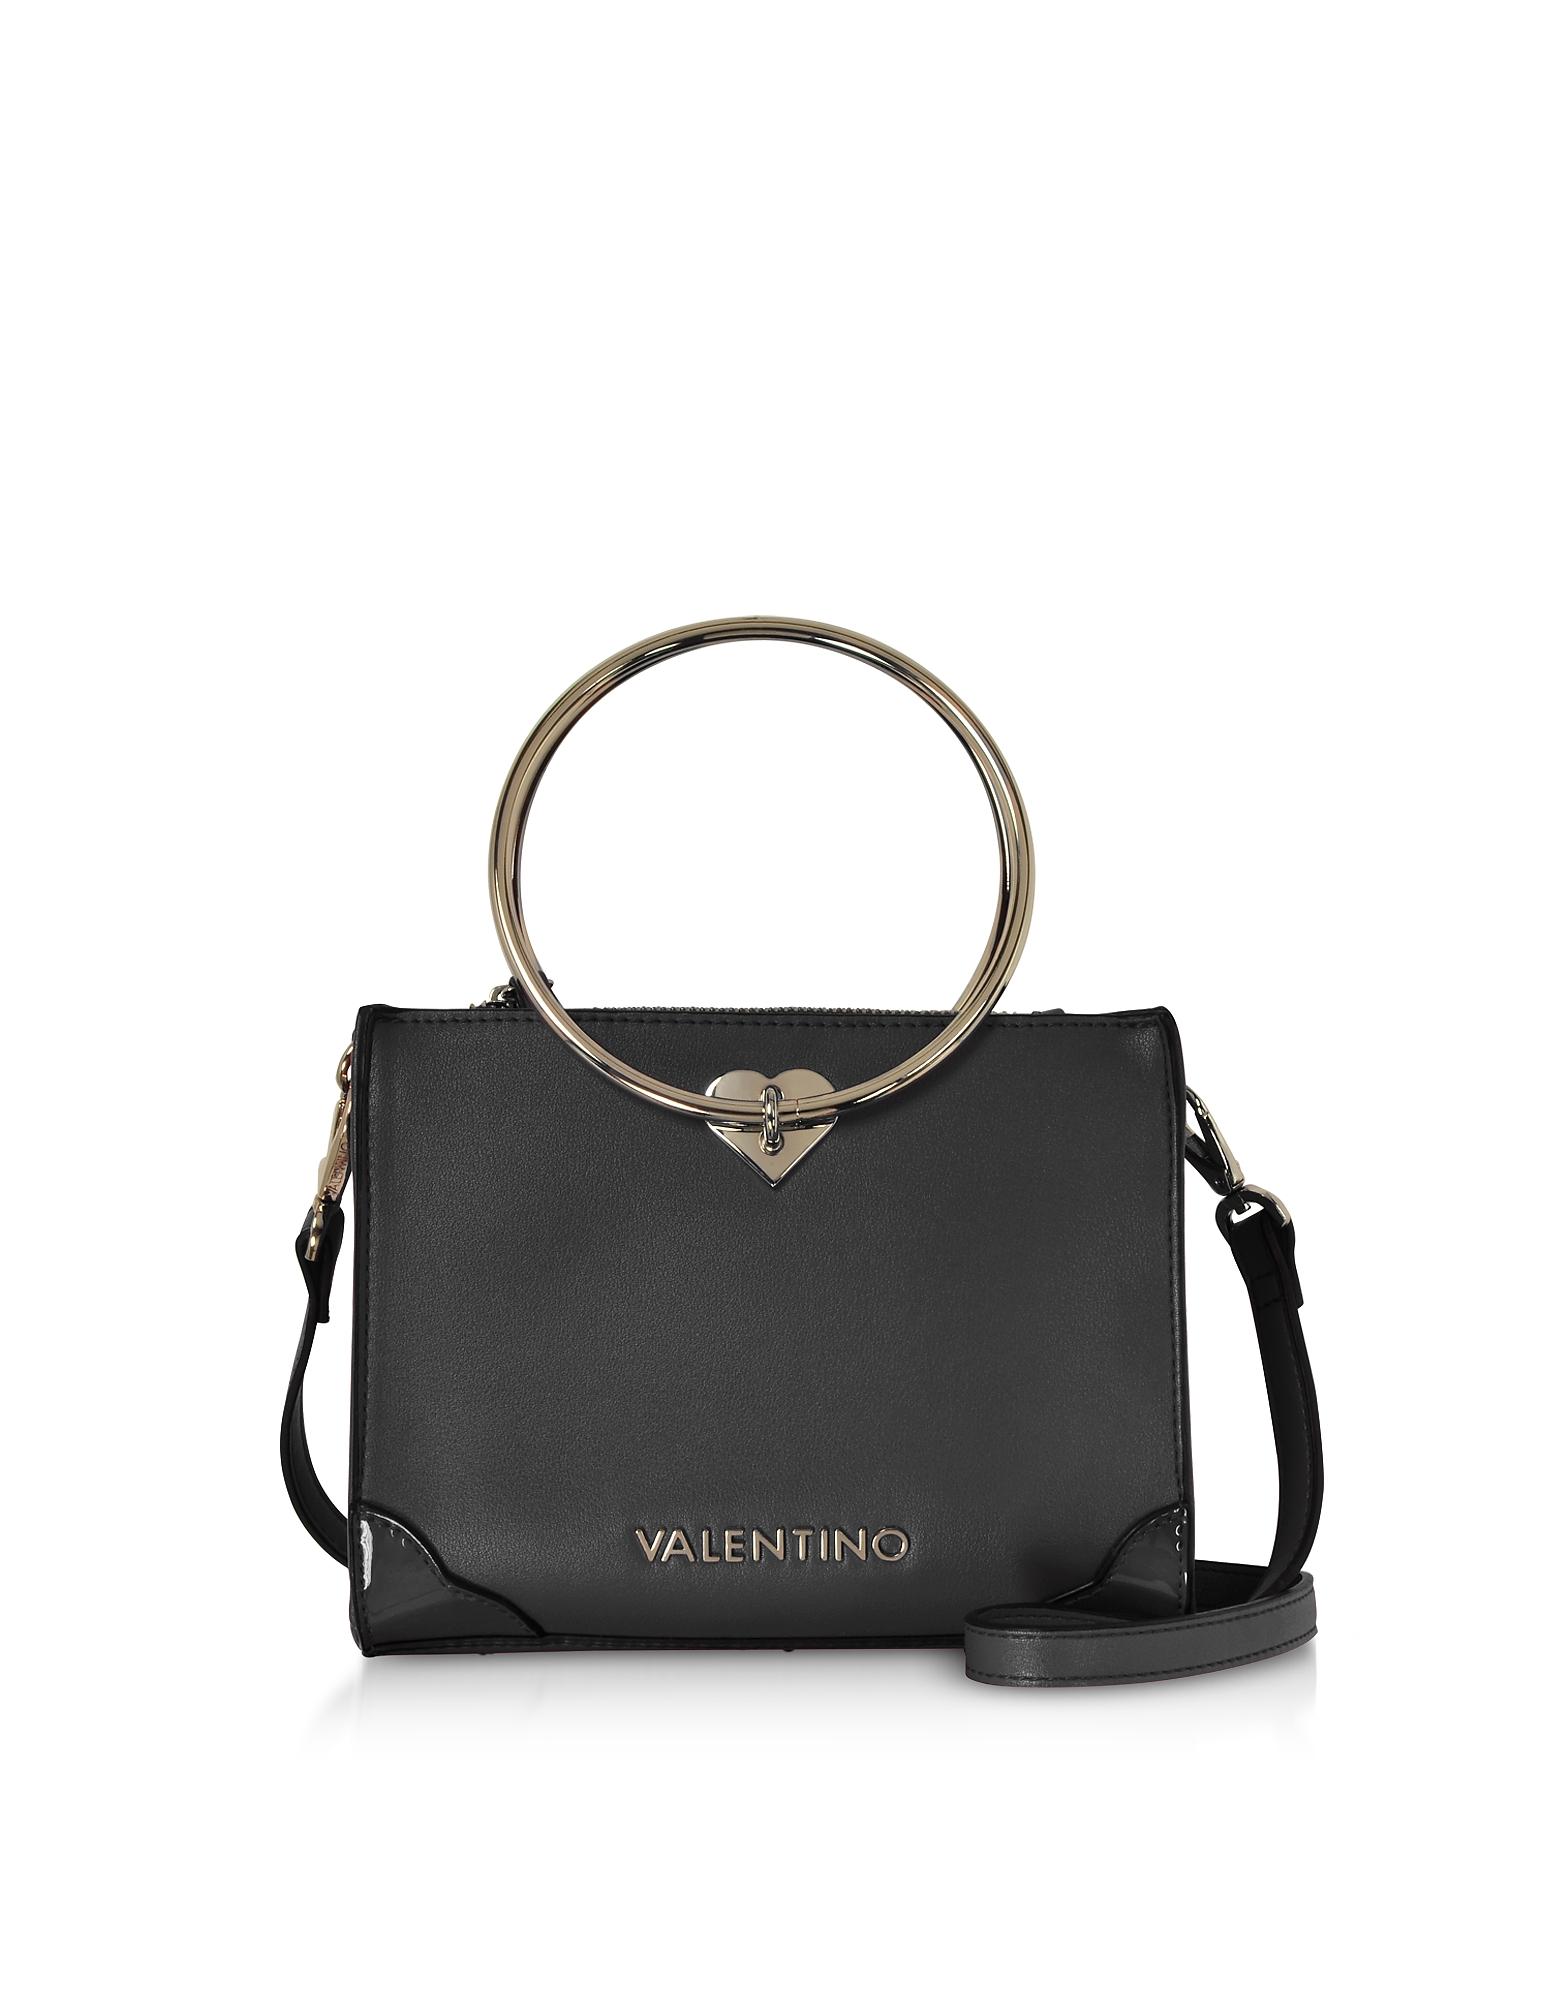 Valentino by Mario Valentino Designer Handbags c4da92e2371dd